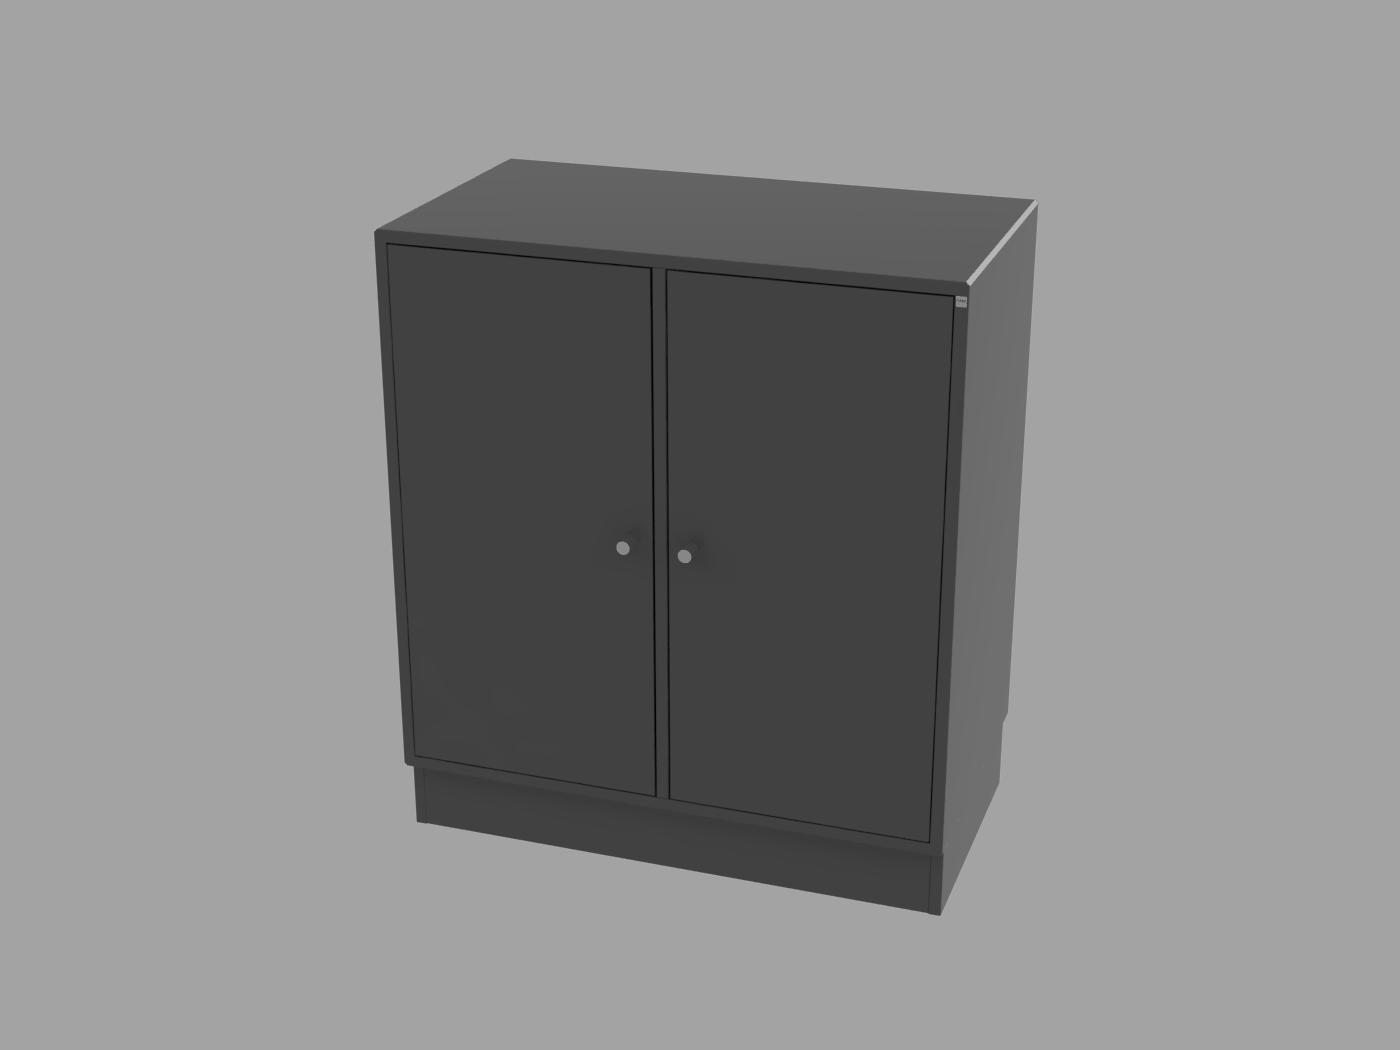 Cube Design - V opbevaring - skabe - skabe samlet på gering - kontormøbler